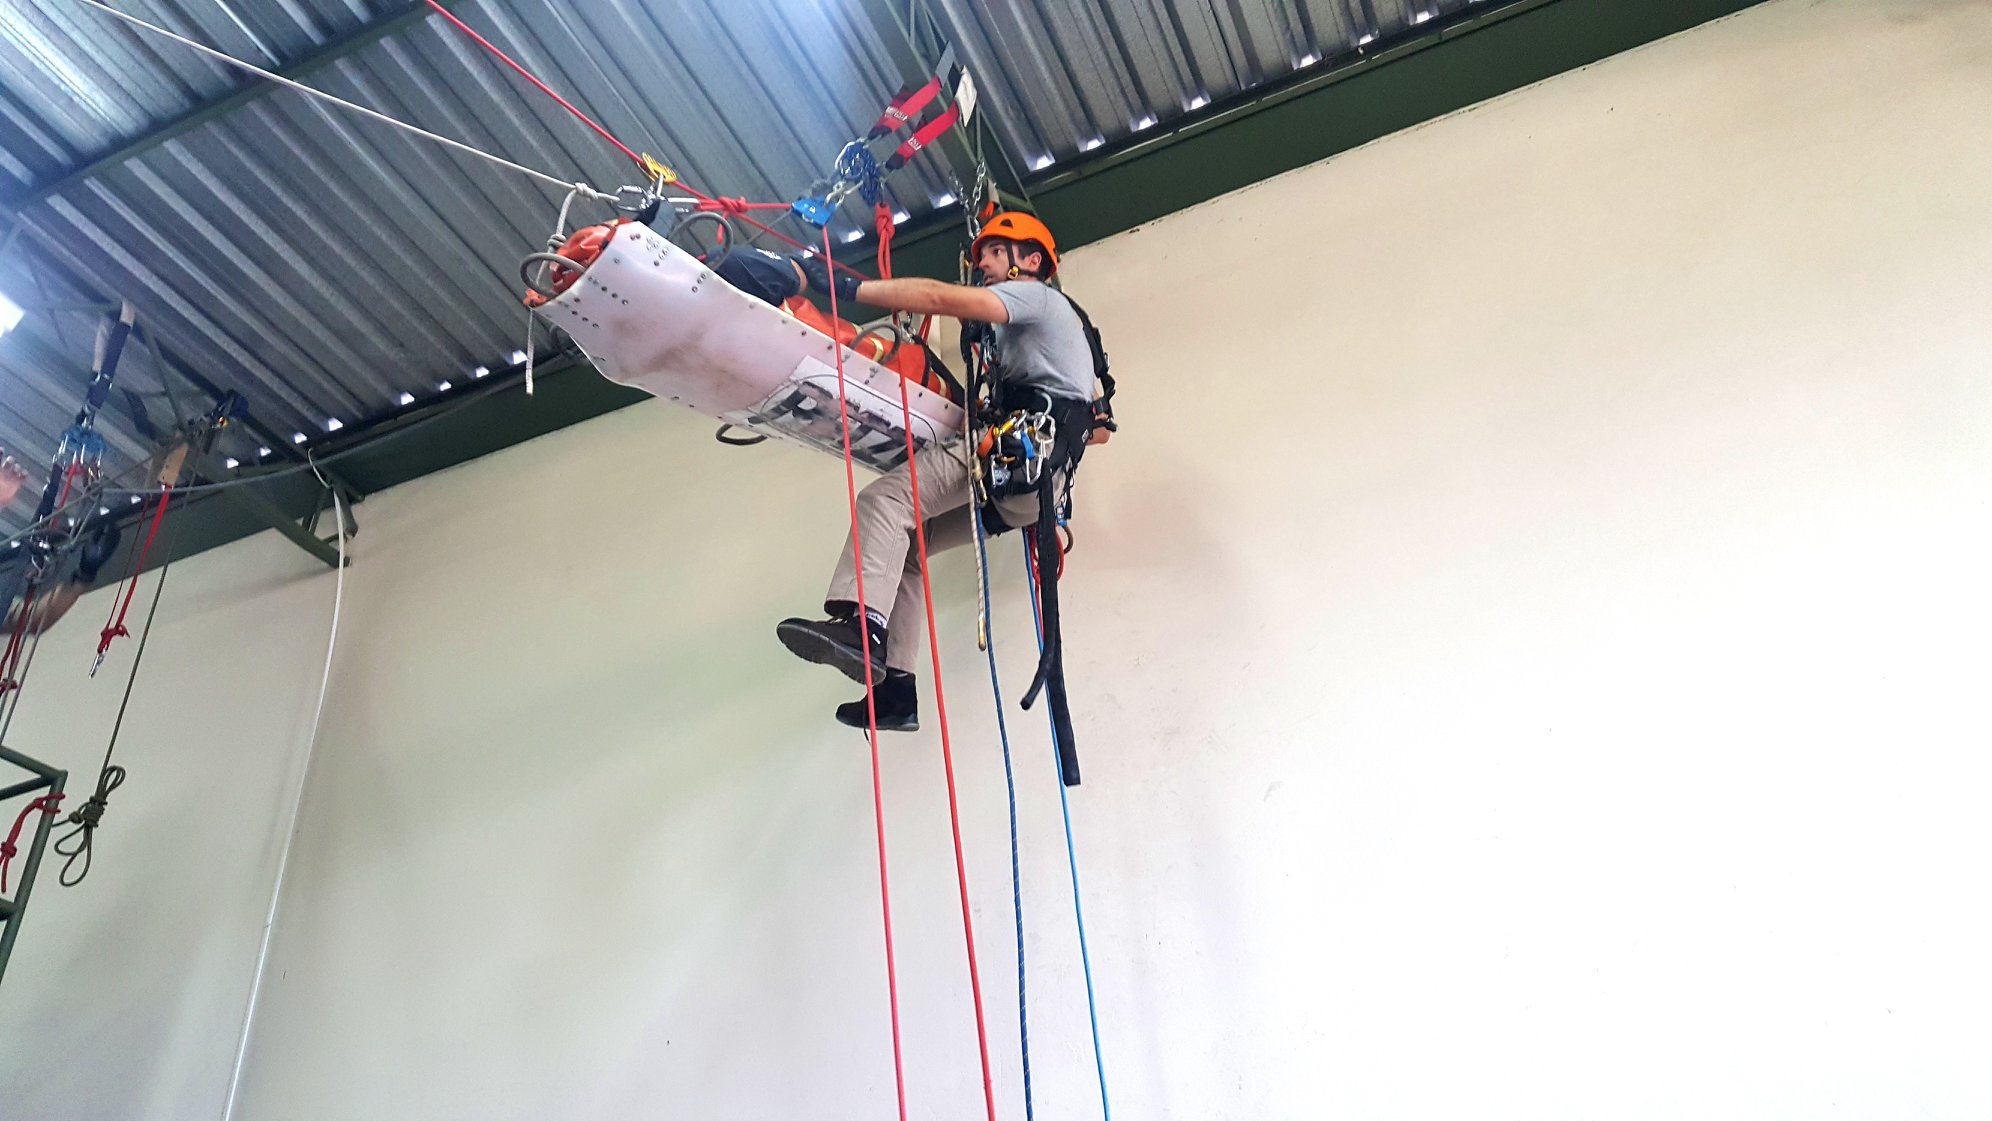 RECICLAGEM - Curso Resgate Vertical de Alto Nível - Nível Coordenador - 12/04/21 a 15/04/21